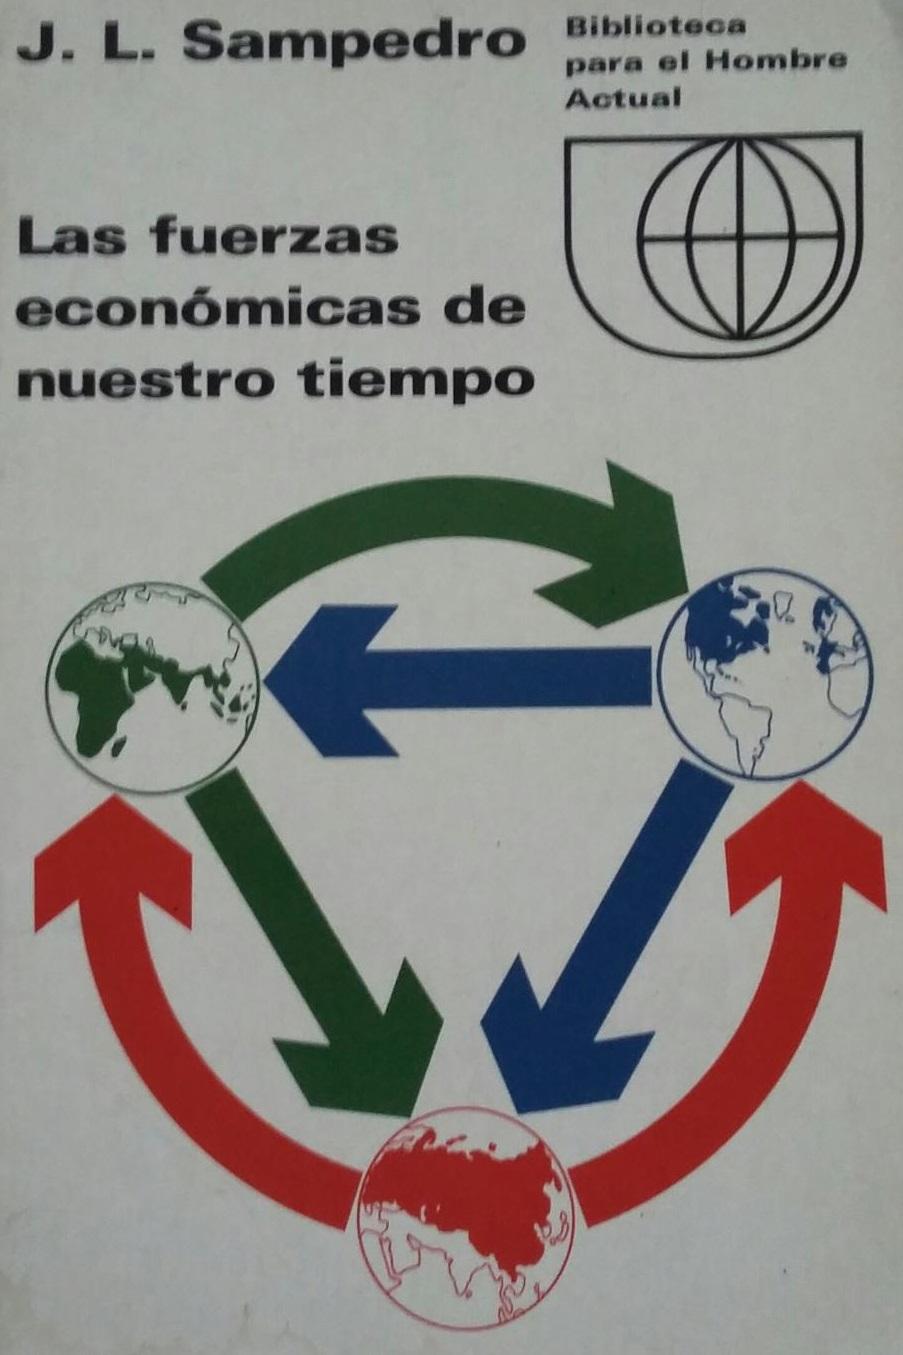 Las fuerzas económicas de nuestro tiempo